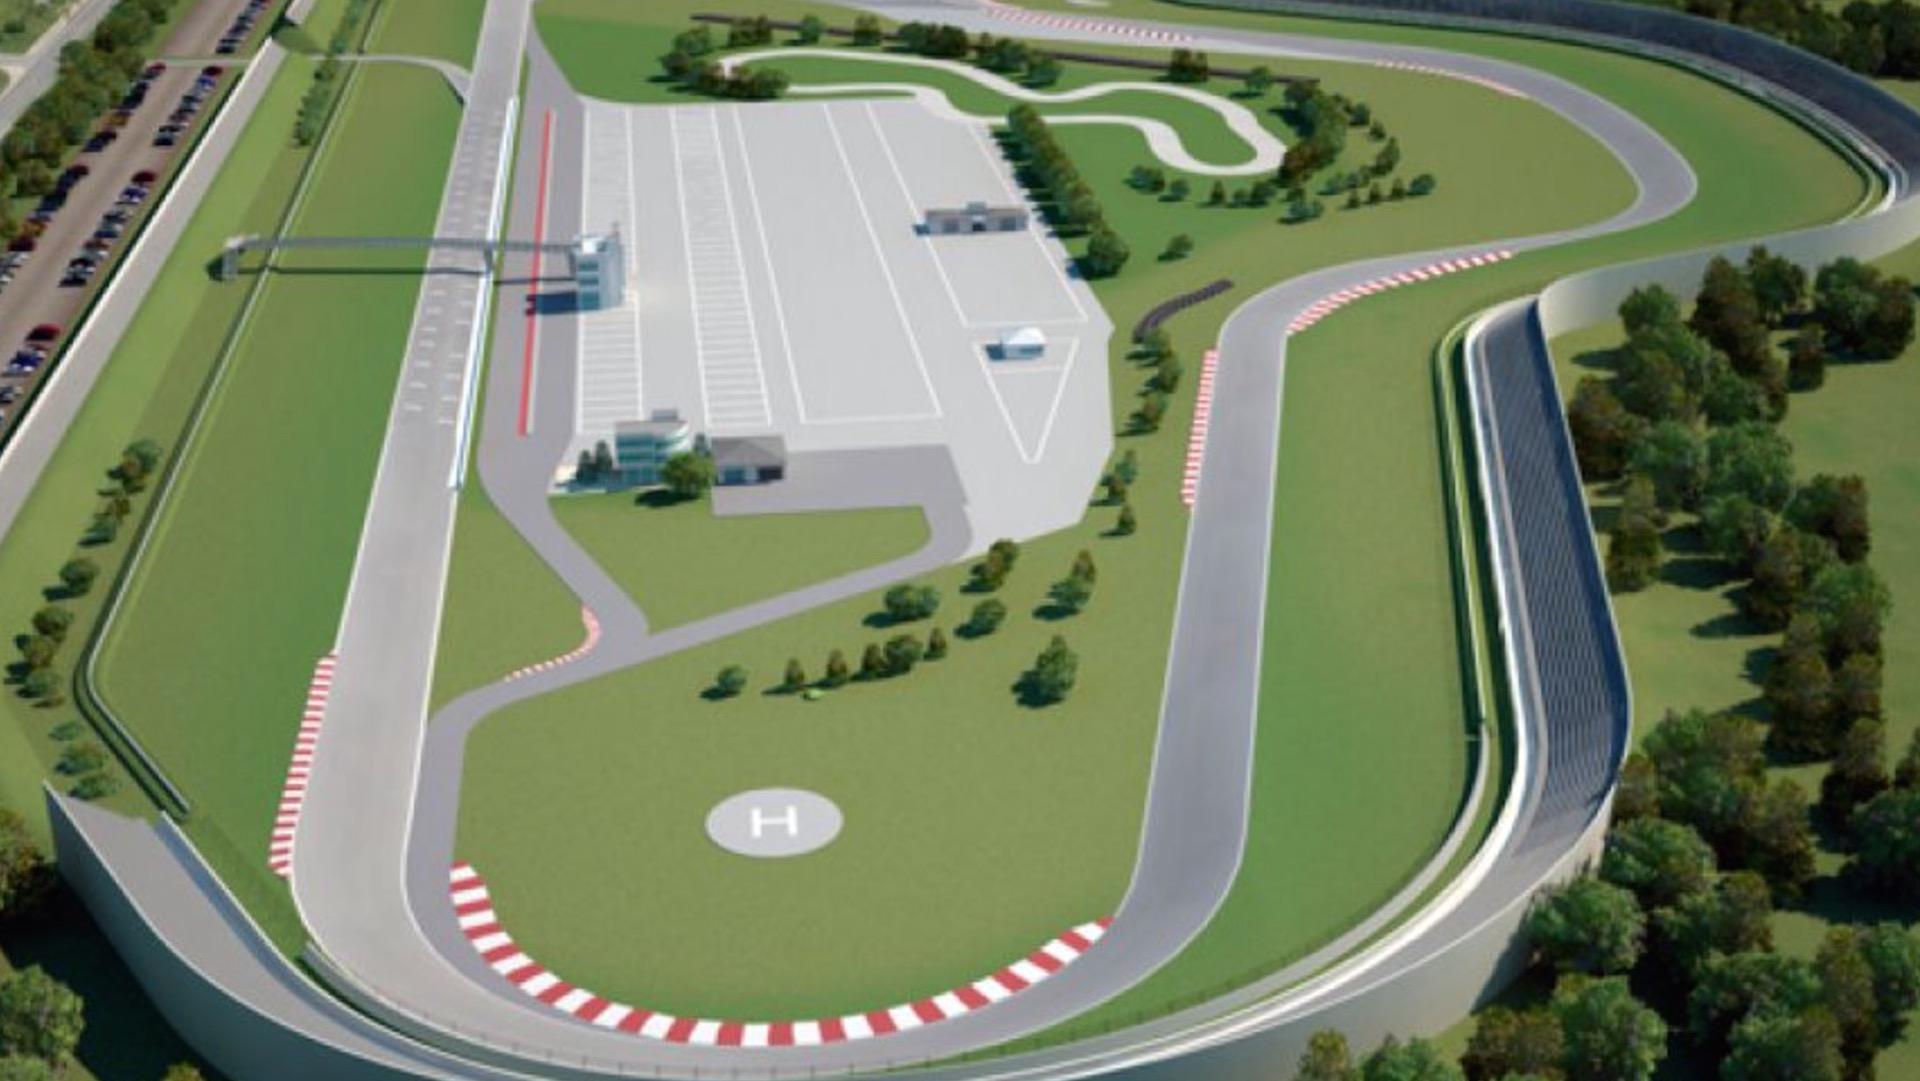 Se pone en marcha la ampliación del autódromo de Rosario